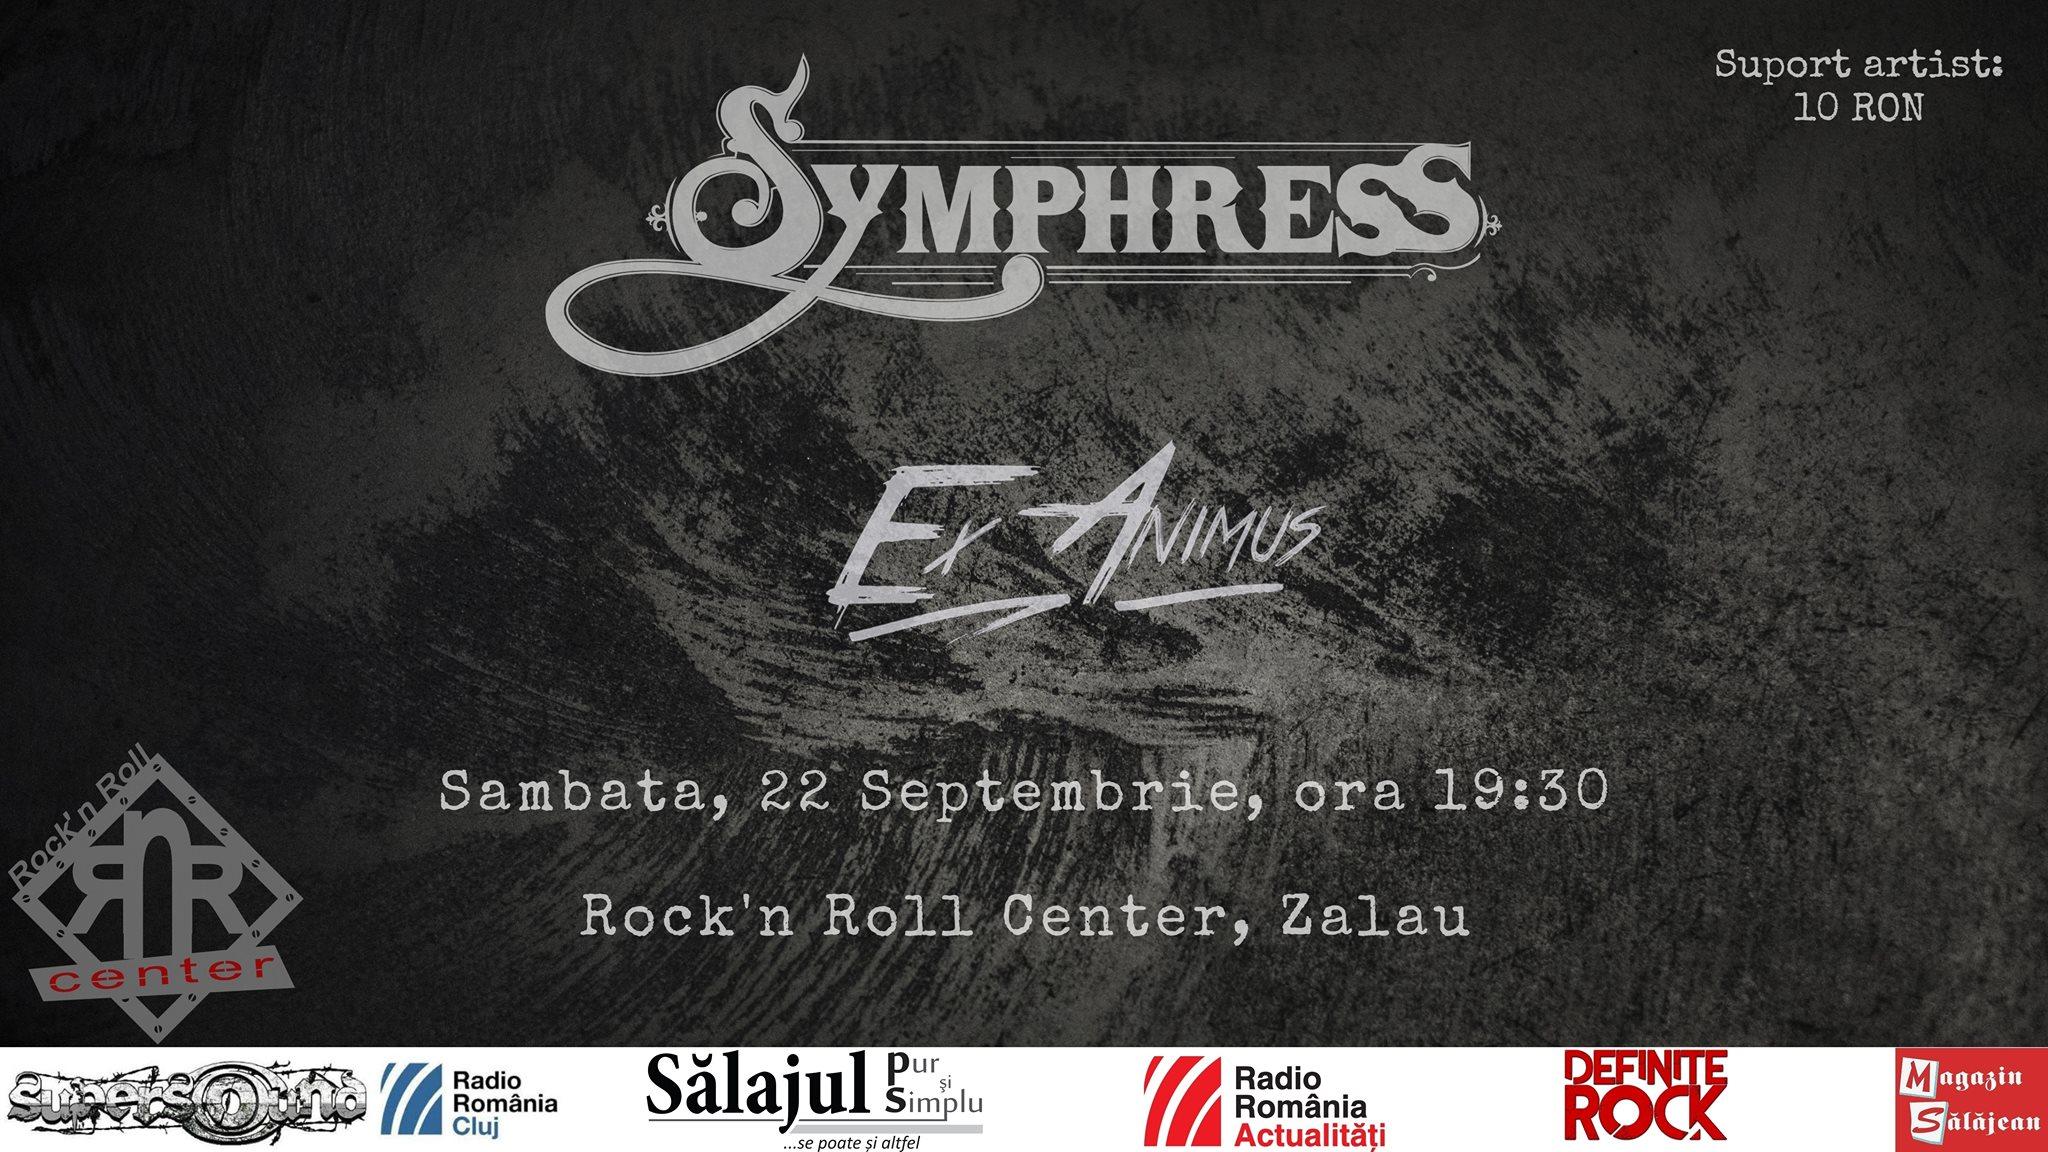 Symphress din Cluj-Napoca și Ex Animus din Bistrița în concert la Zalău